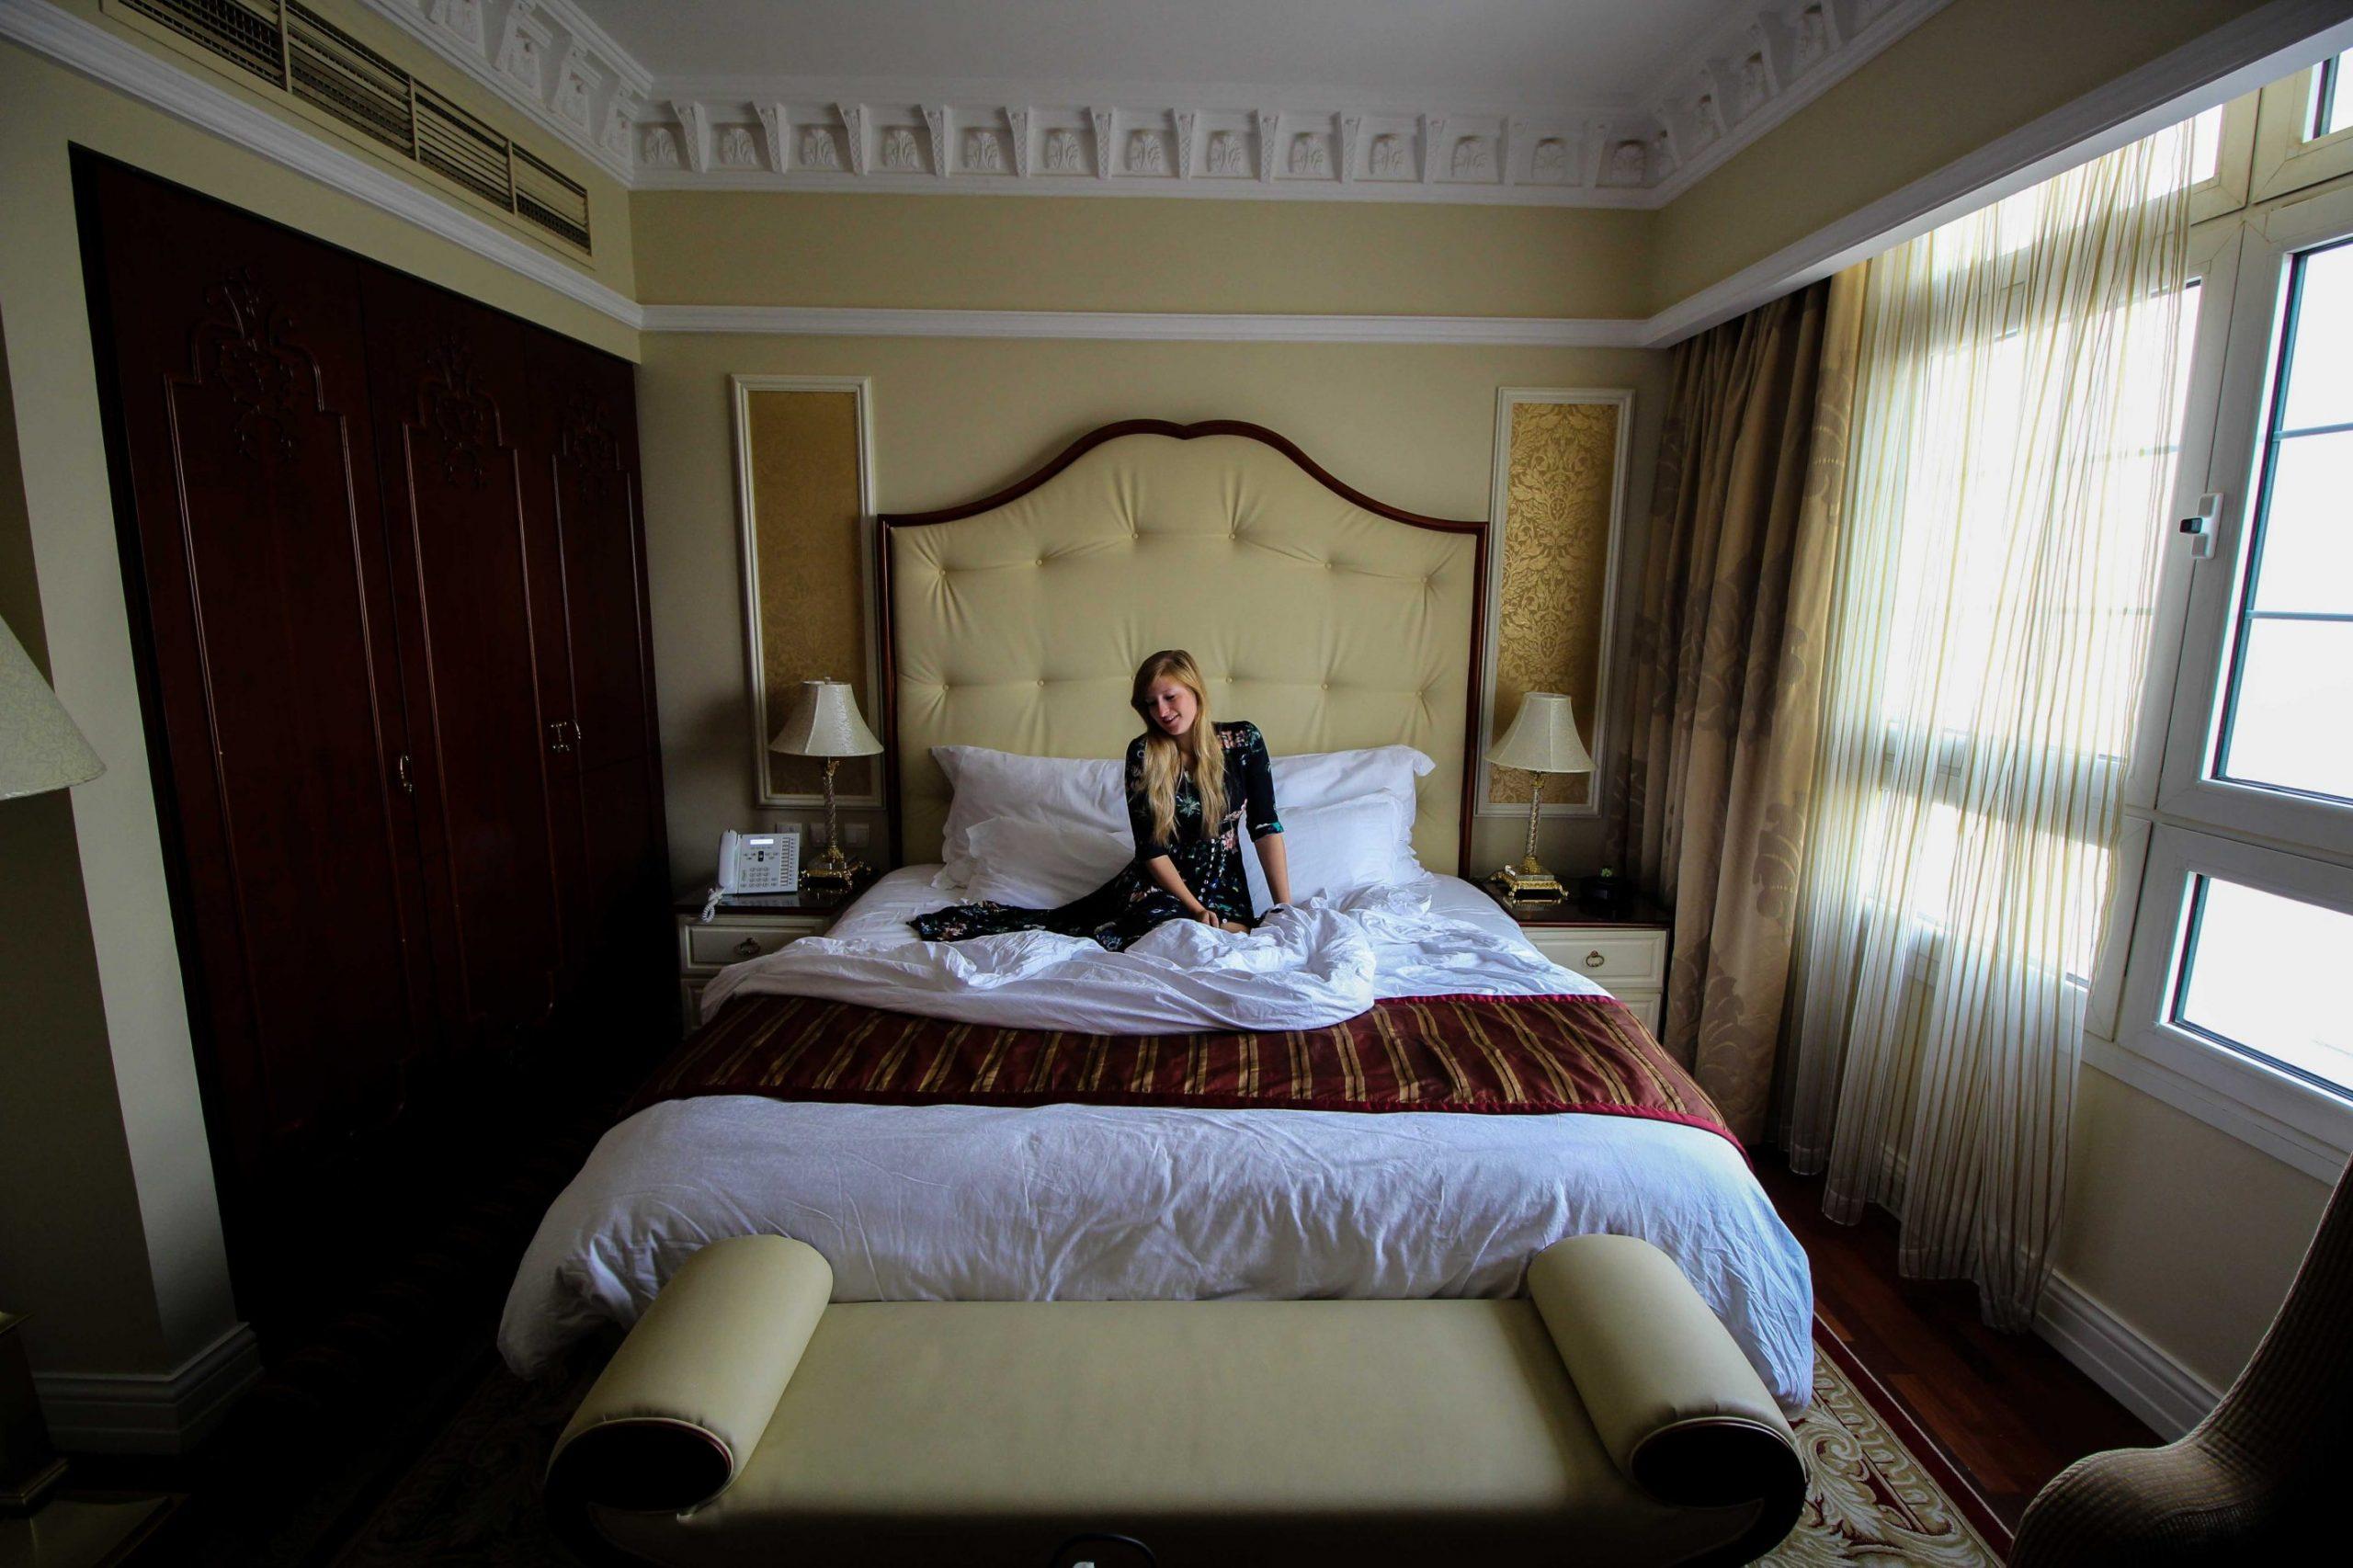 Full Size of Kingsize Bett Warwick Hotel Doha Executive Room Luxushotel 5 Flexa 140x220 120 Cm Breit Japanisches Nolte Betten Günstig Kaufen Poco Mädchen Mit Matratze Und Bett Kingsize Bett